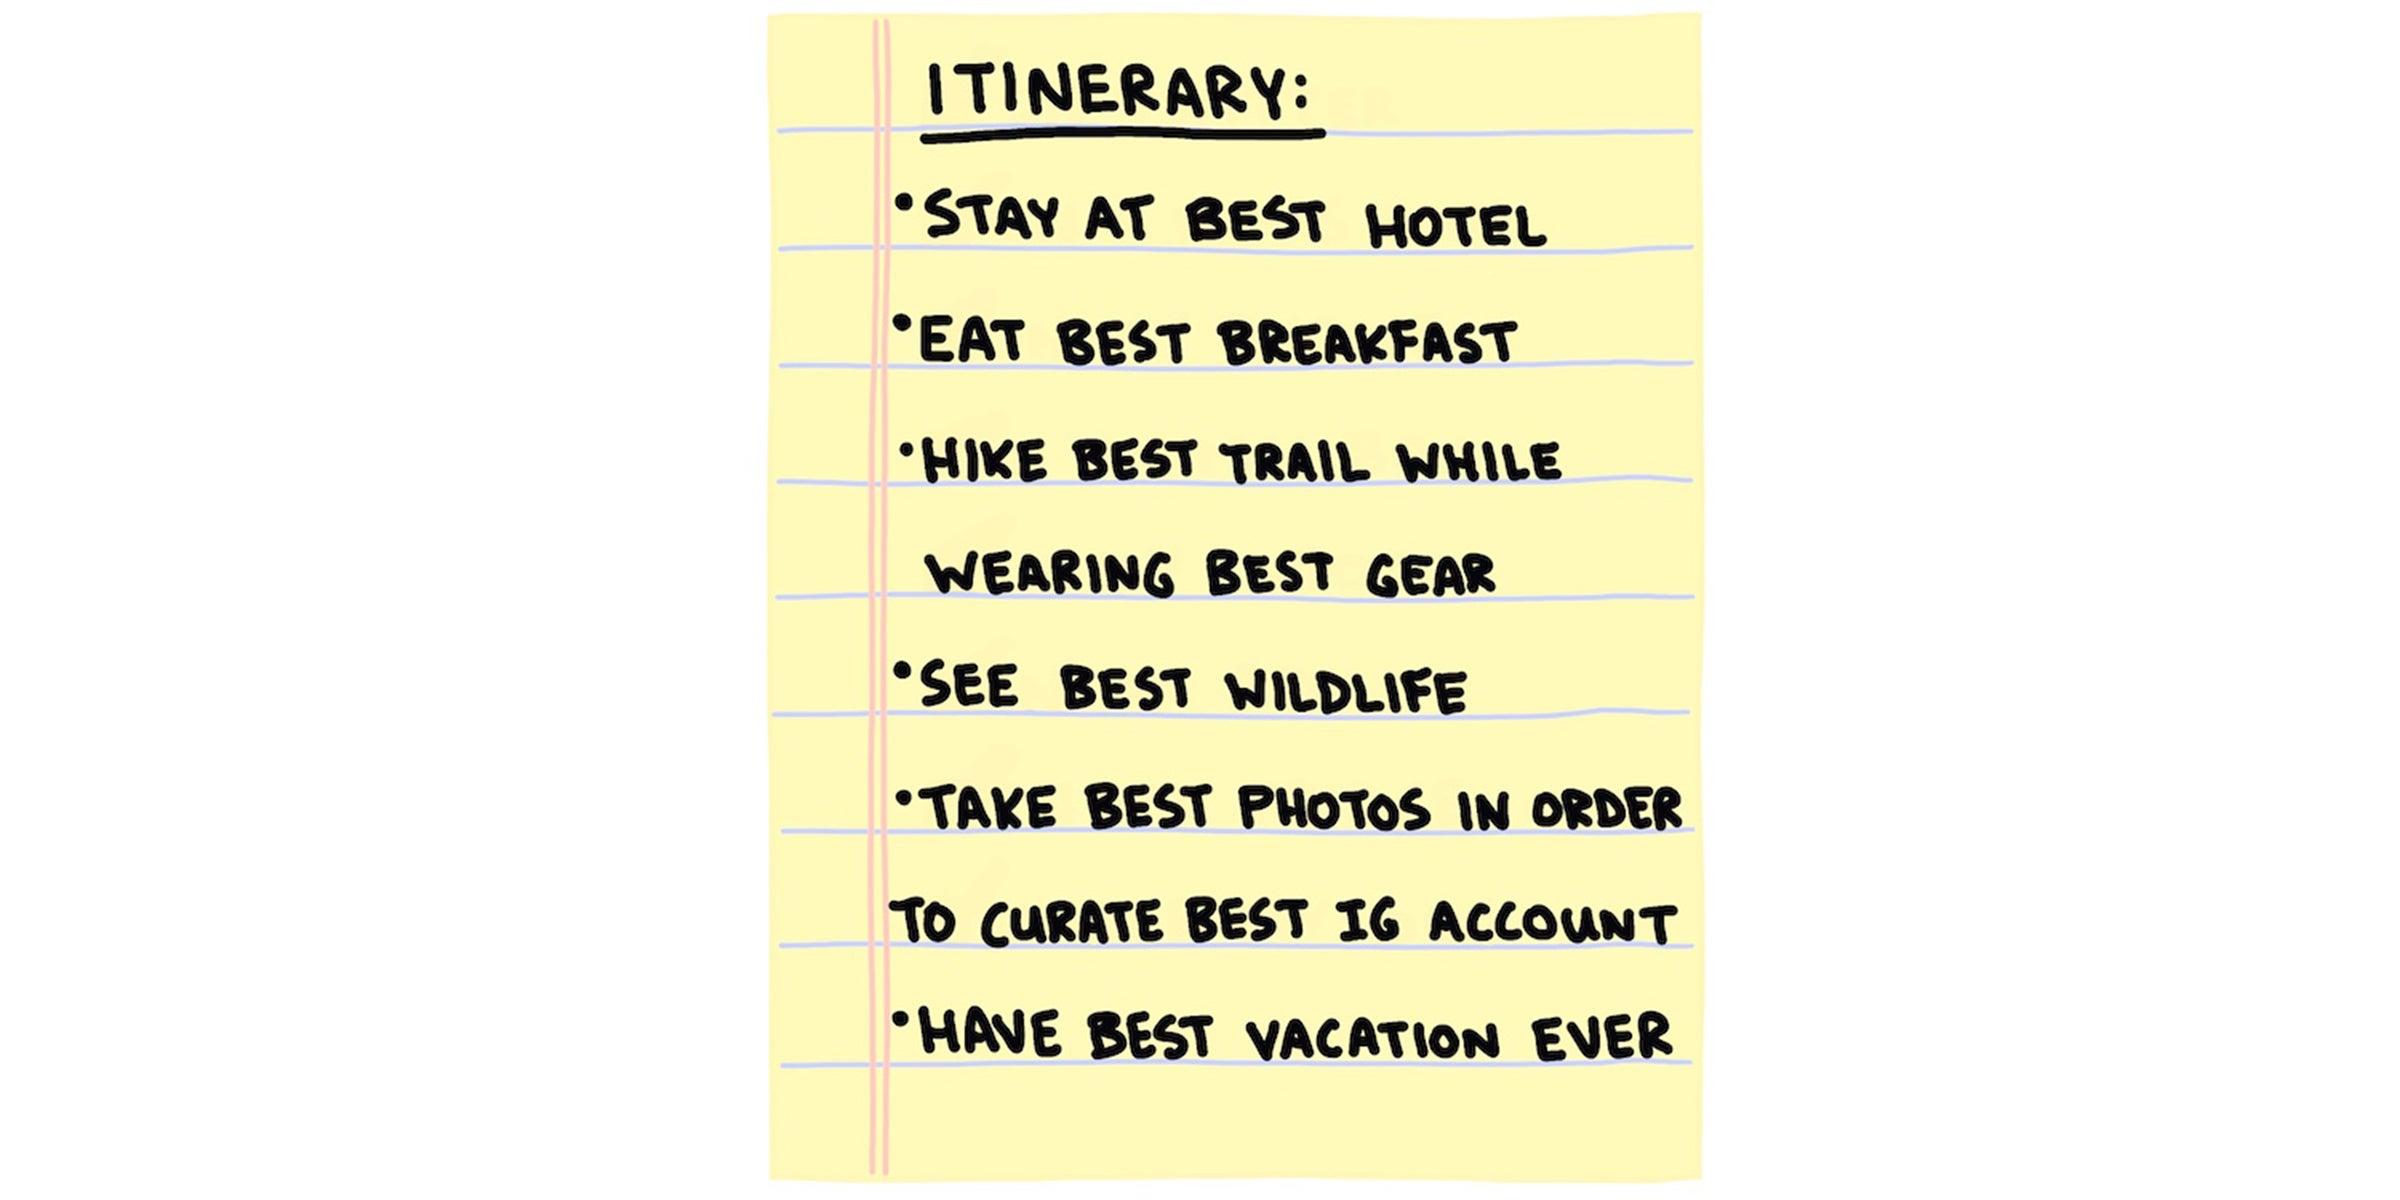 Best things list